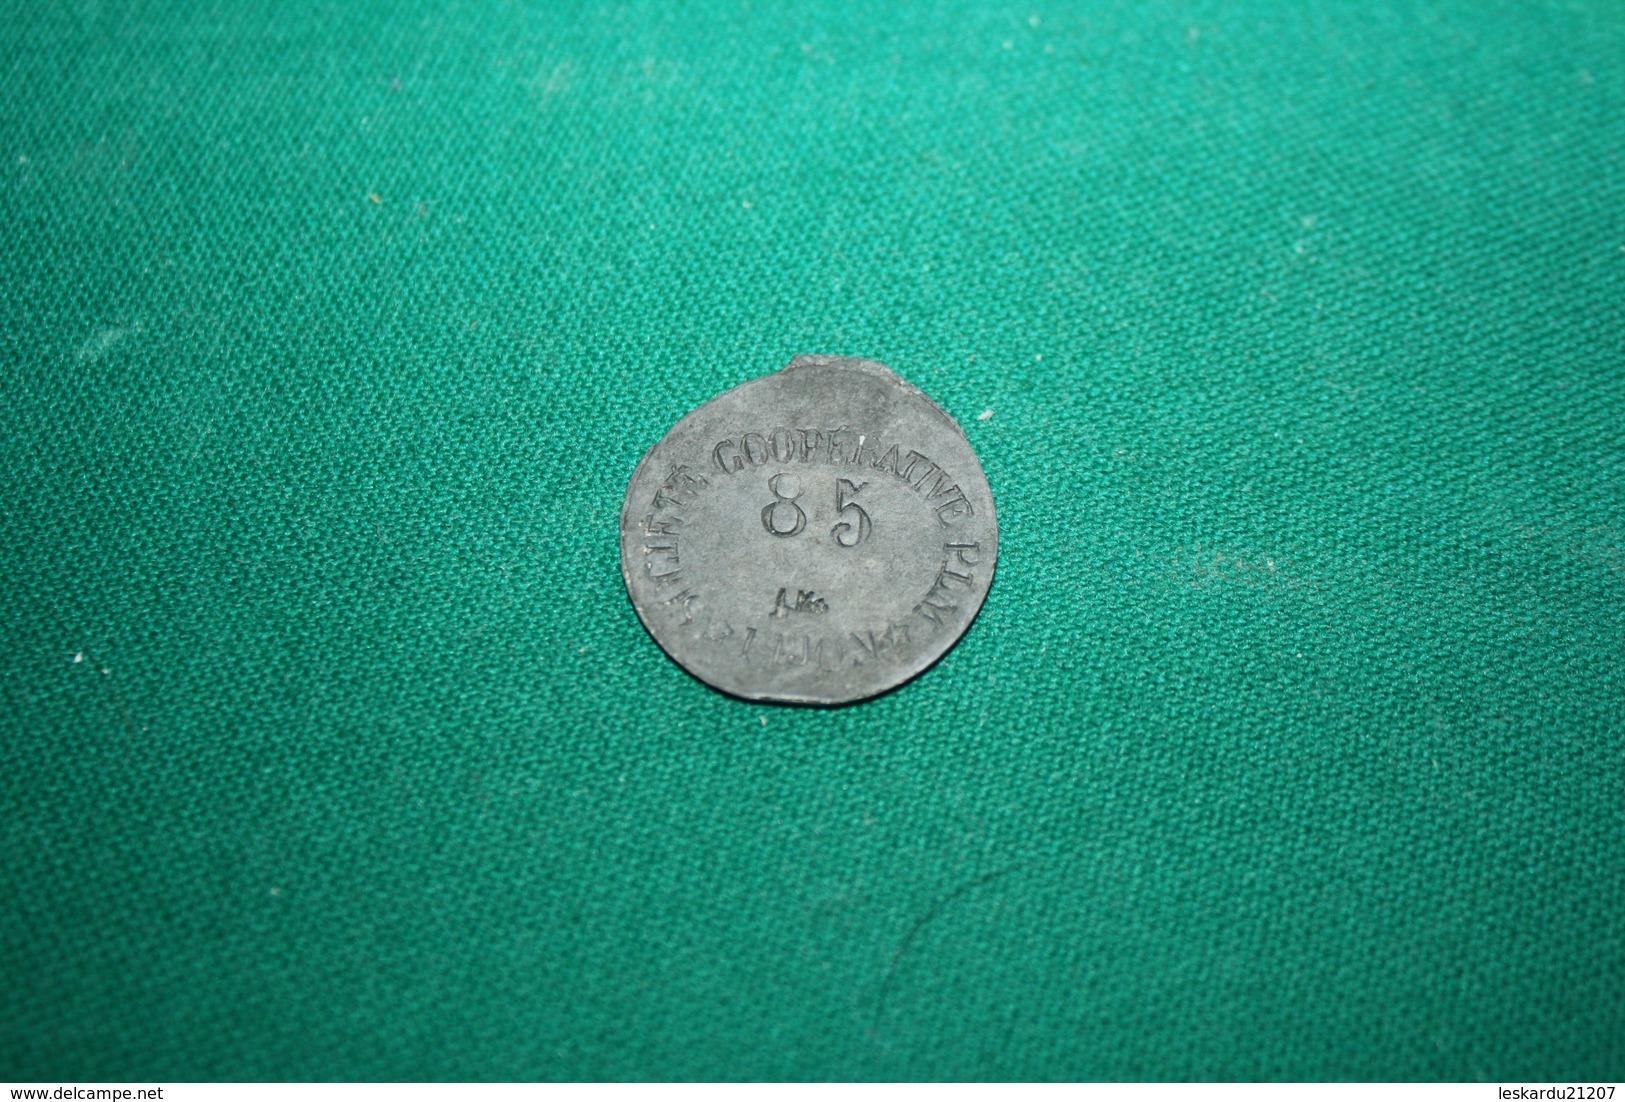 COOPERATIVE DE LA SOCIETE P. L. M. - DIJON - 1 KG - Numero 85 - COTE D'OR - Monétaires / De Nécessité